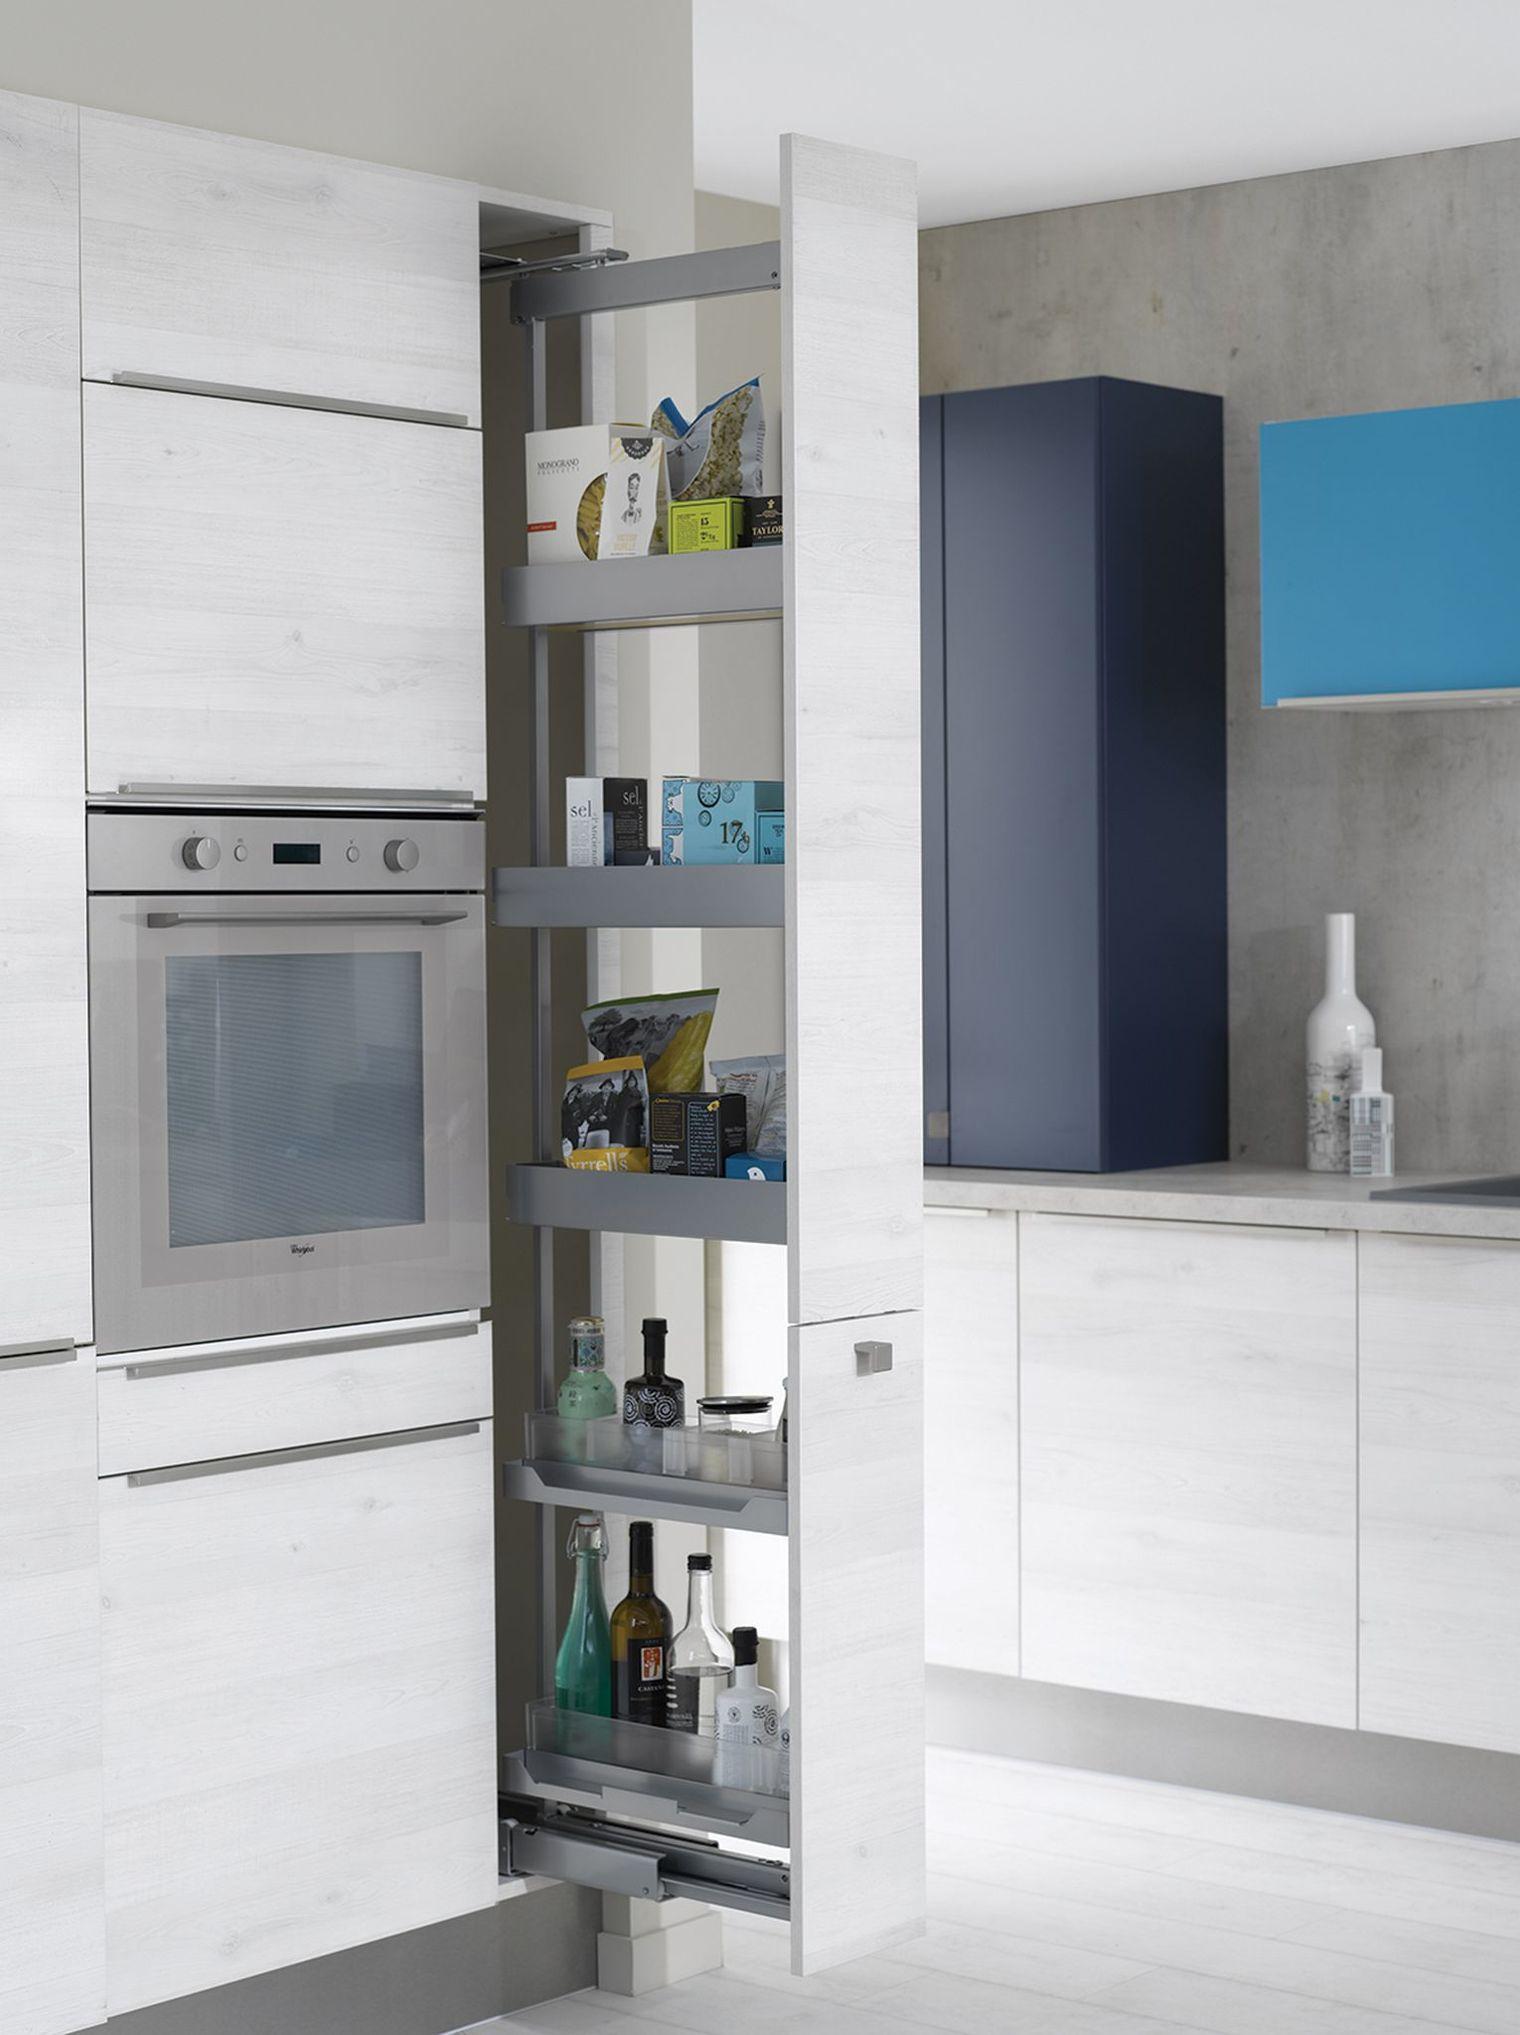 26 id es pour optimiser votre espace de rangement page 5. Black Bedroom Furniture Sets. Home Design Ideas